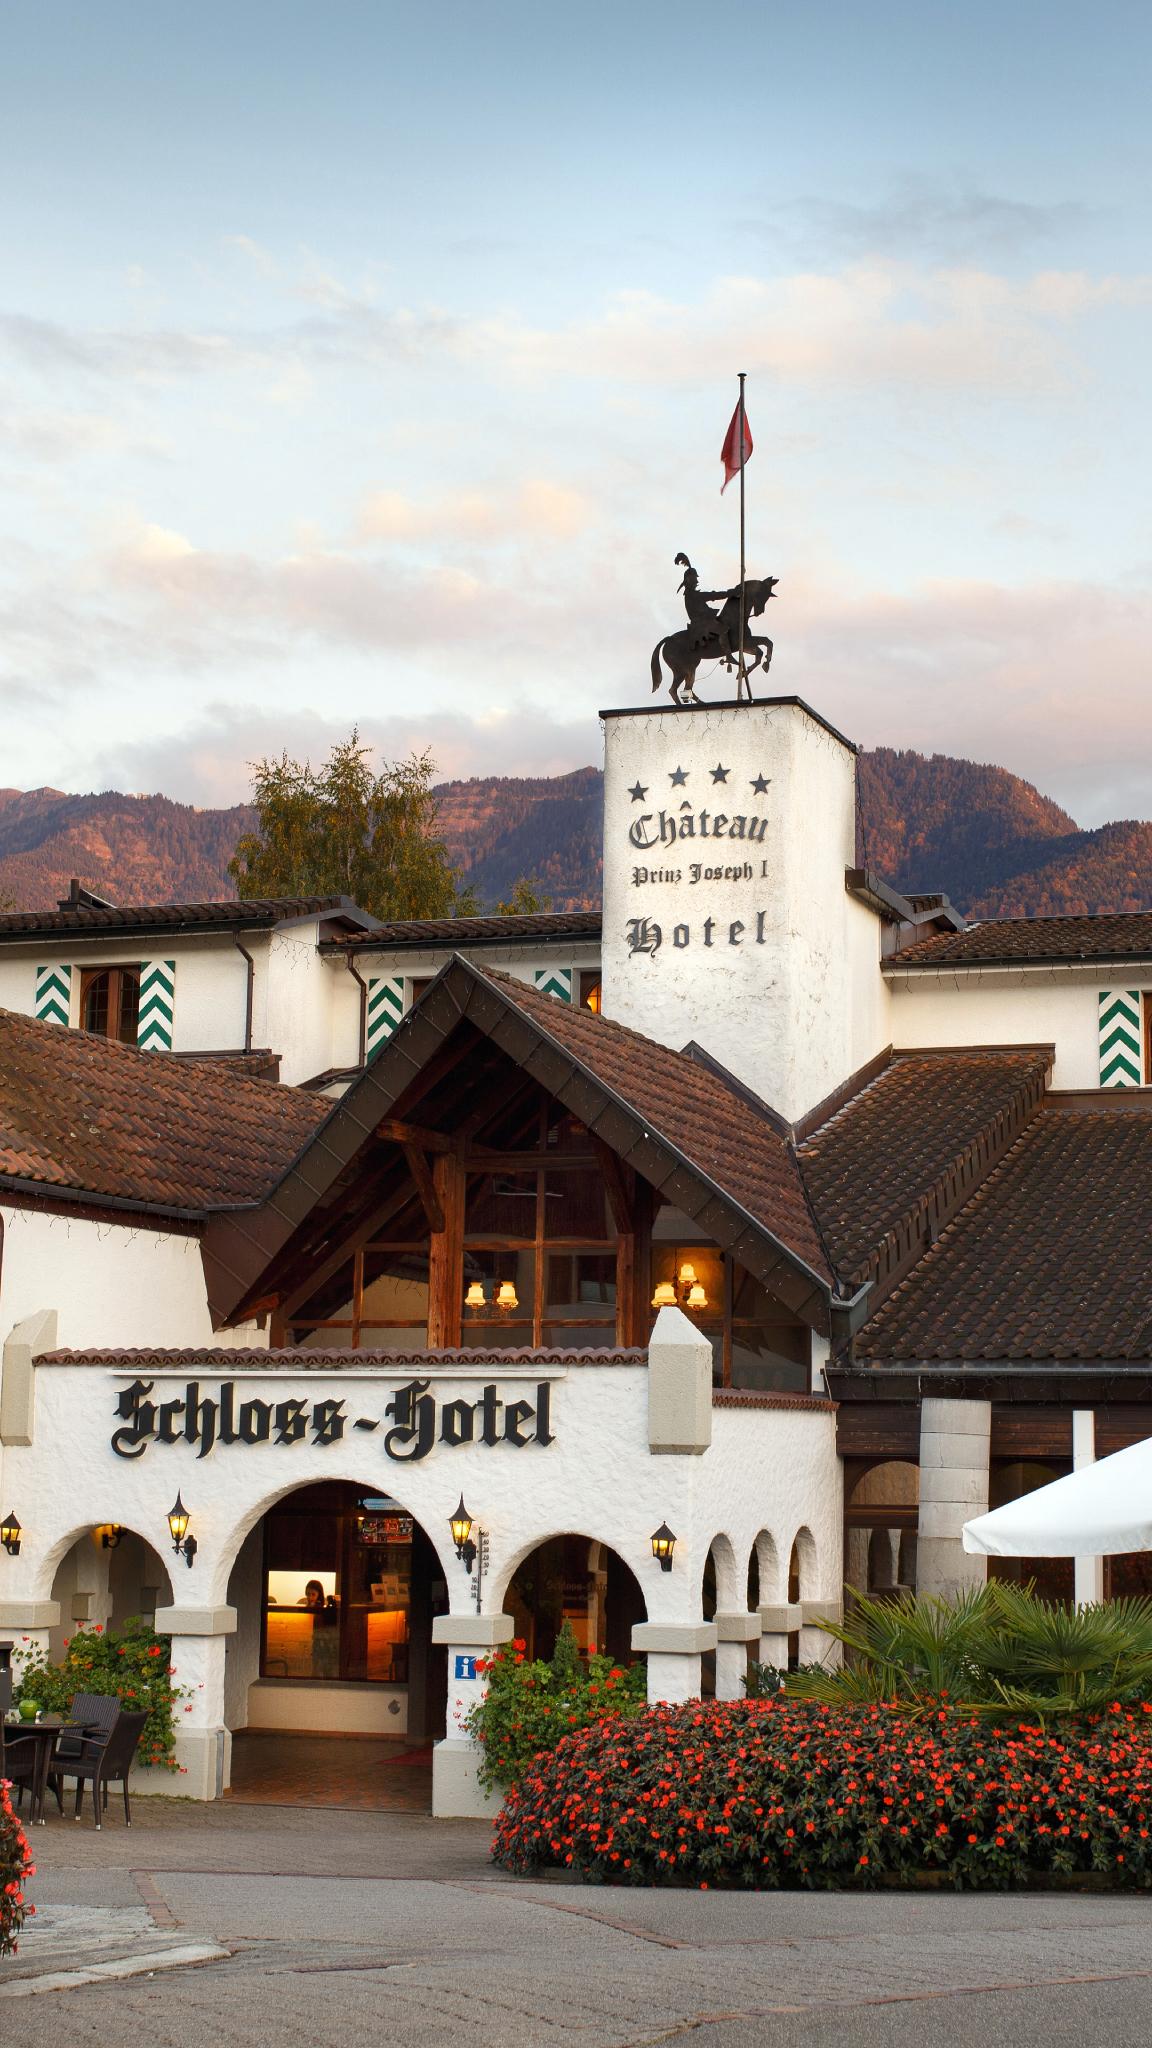 Schloss-Hotel im Swiss-Chalet Merlischachen bei Abendstimmung mit Geranien